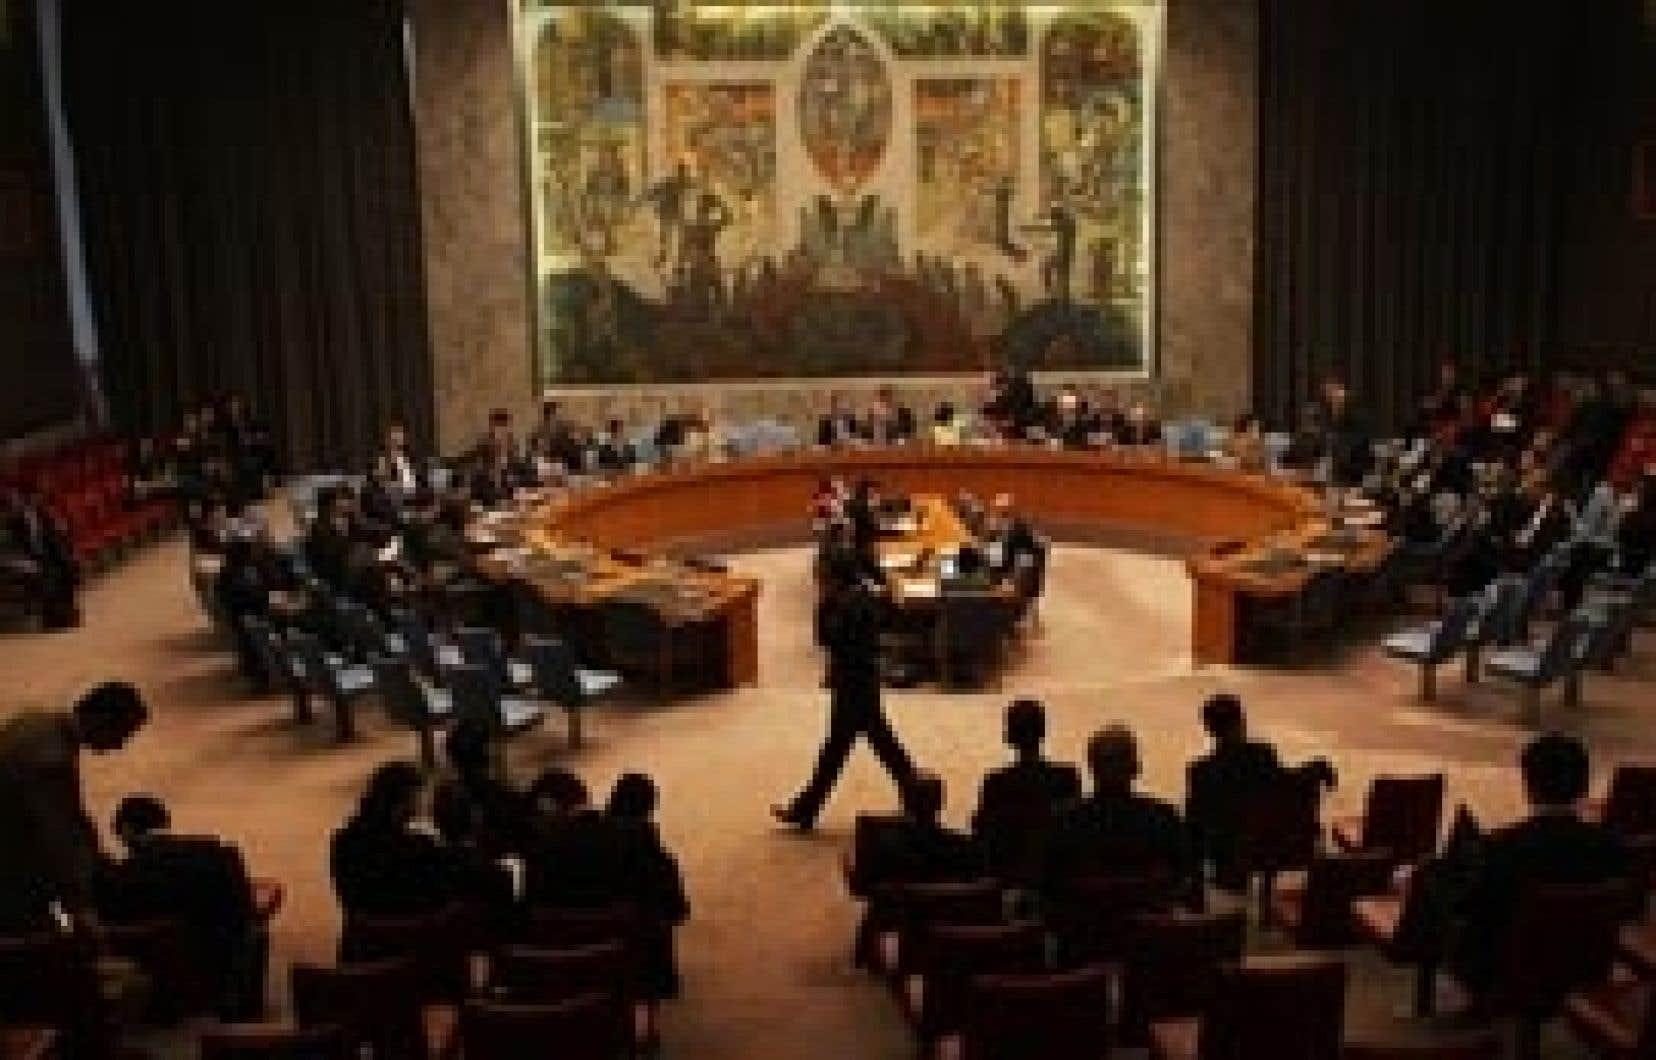 Réunis à New York, les membres du Conseil de sécurité de l'ONU ont décidé de dénoncer le tir de fusée coréen, sans toutefois se montrer sévères dans les sanctions.